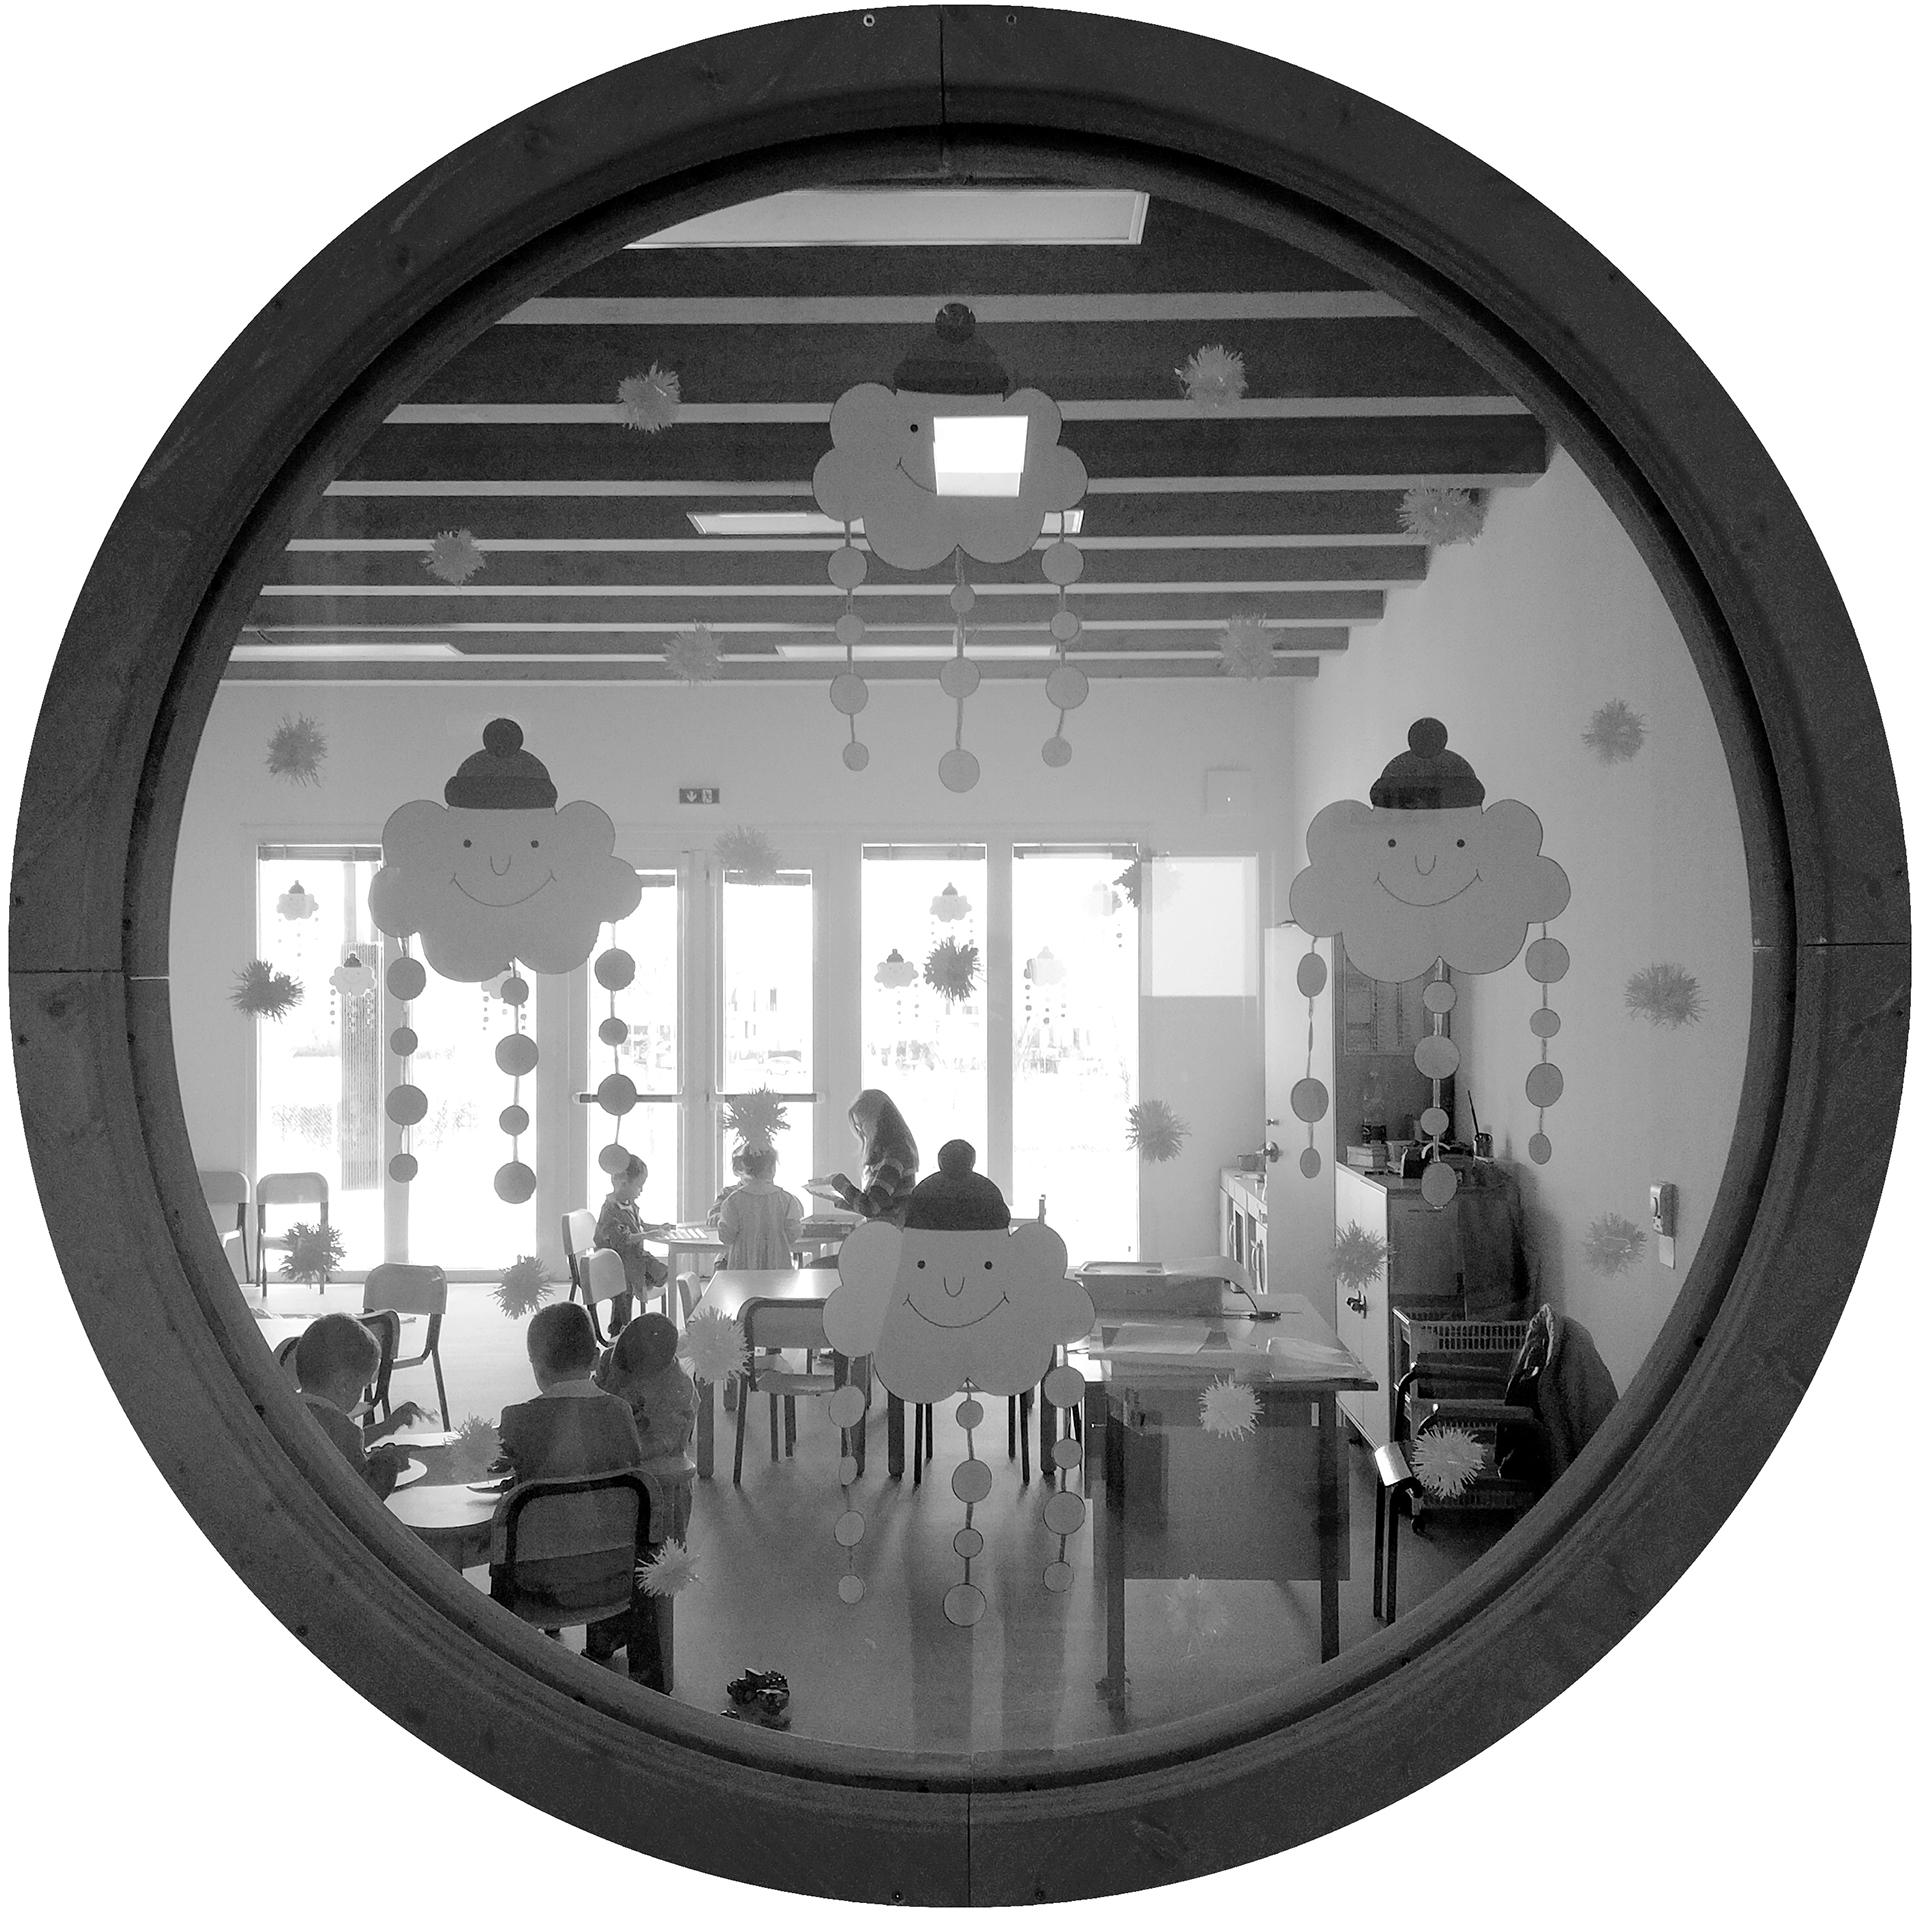 scuola materna e palestra. l'aula tipo vista dall'oblò nella zona filtro che separa ciascun aula dal disimpegno. Le aule sono caratterizzate da spazi luminosi, flessibili e molto funzionali che possono essere riadattati ad ogni esigenza.